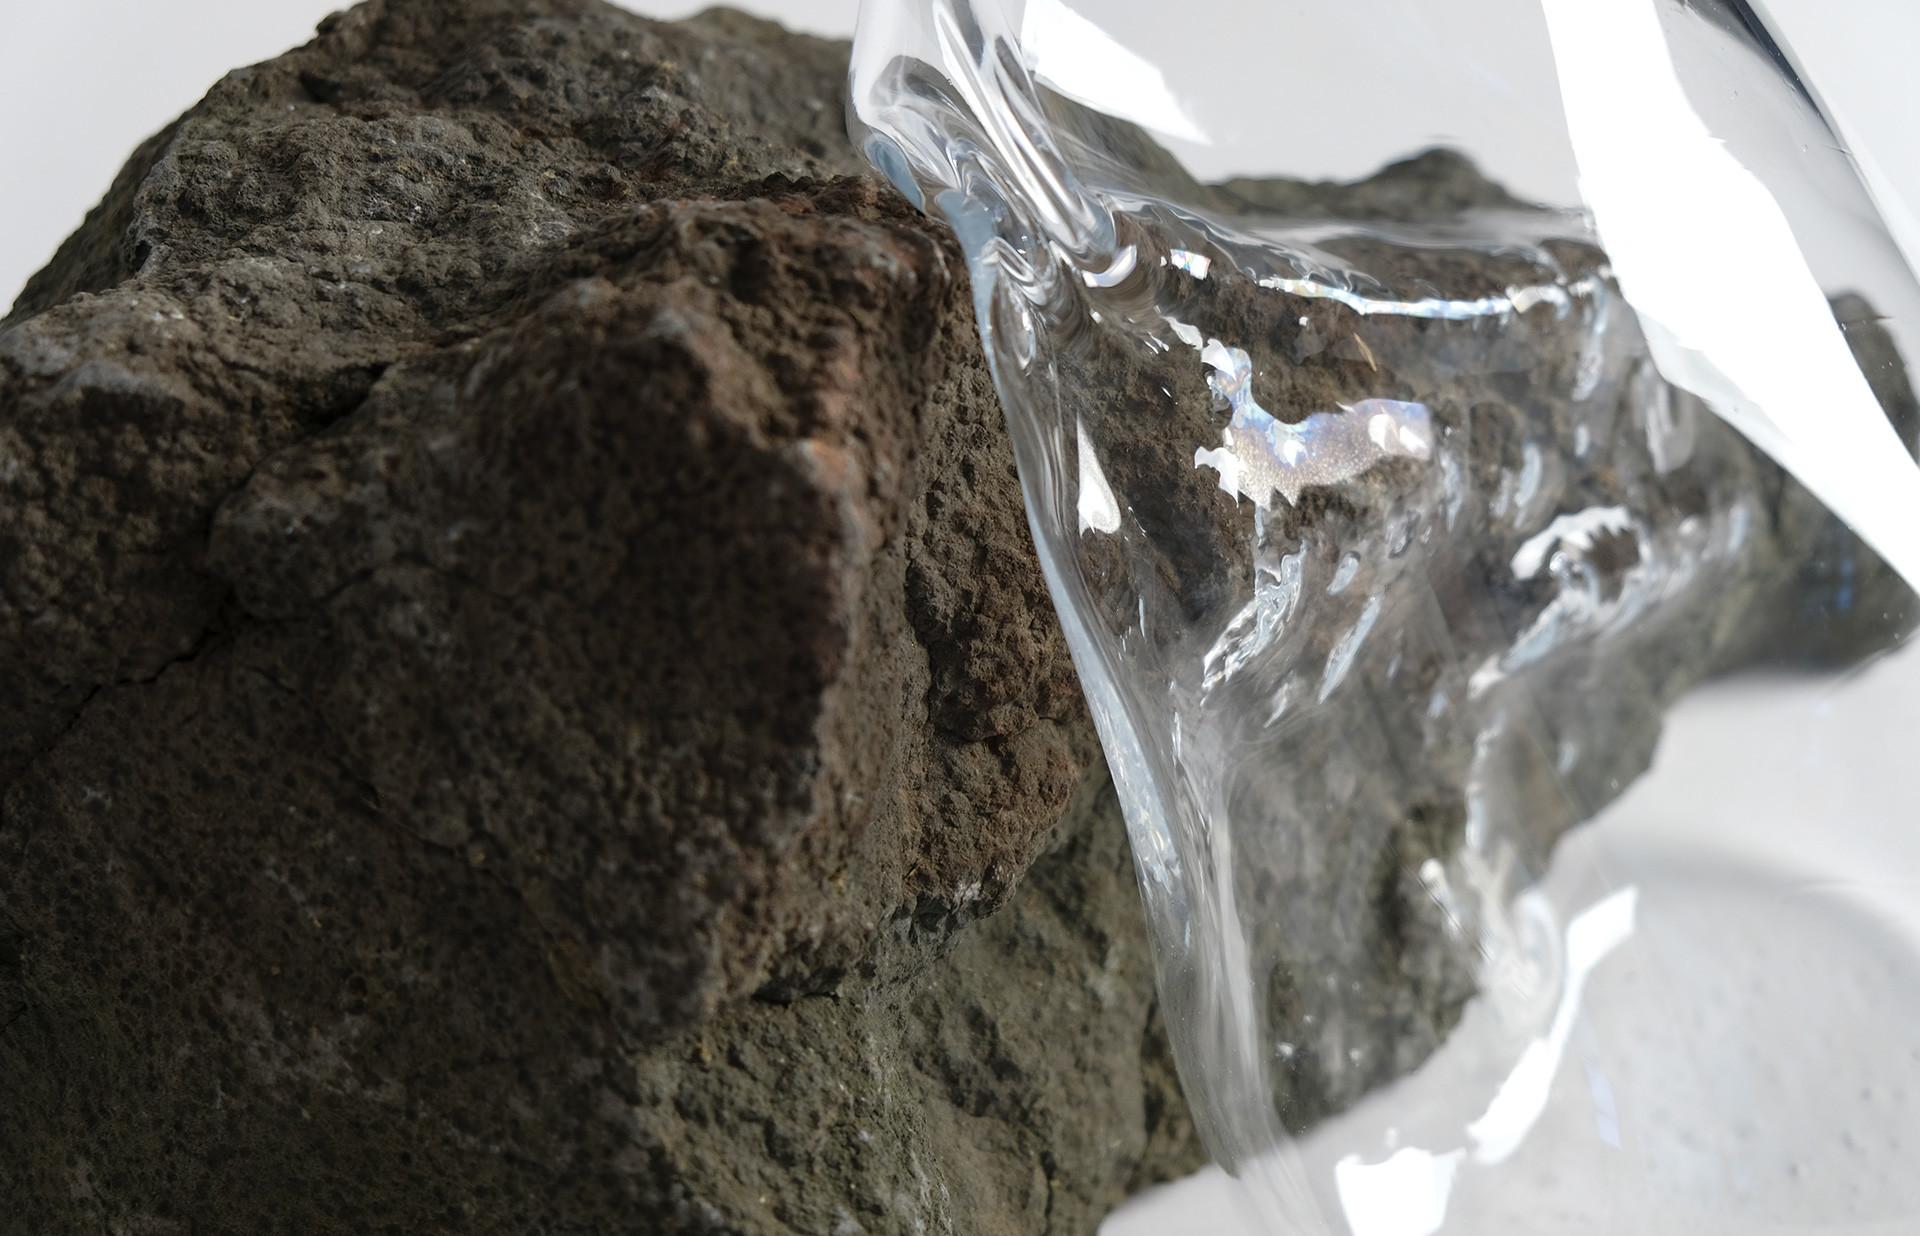 Verres de pierre - © Bigtime.